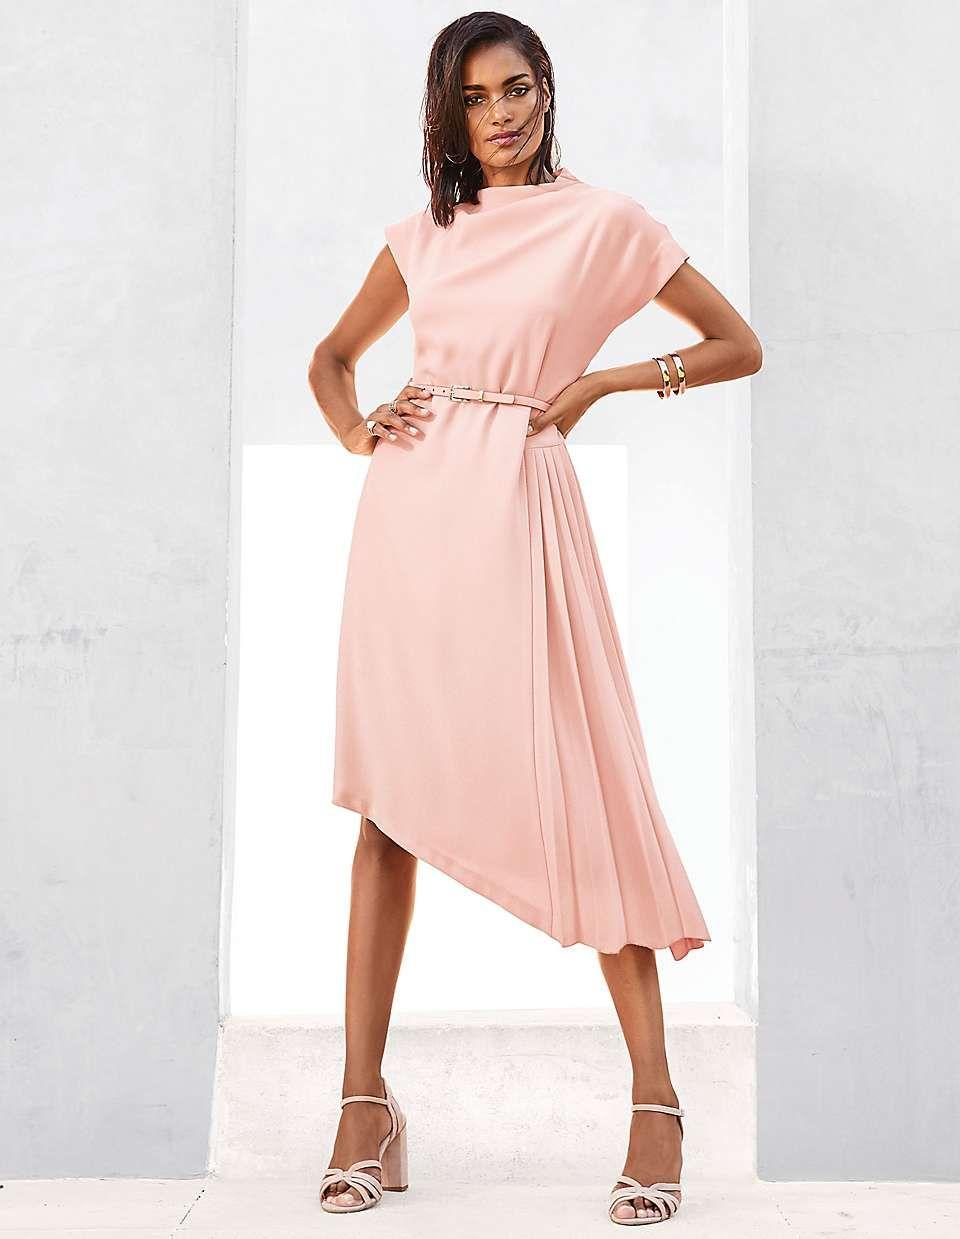 Elegante Kleider für stilvolle Auftritte bestellen  MADELEINE